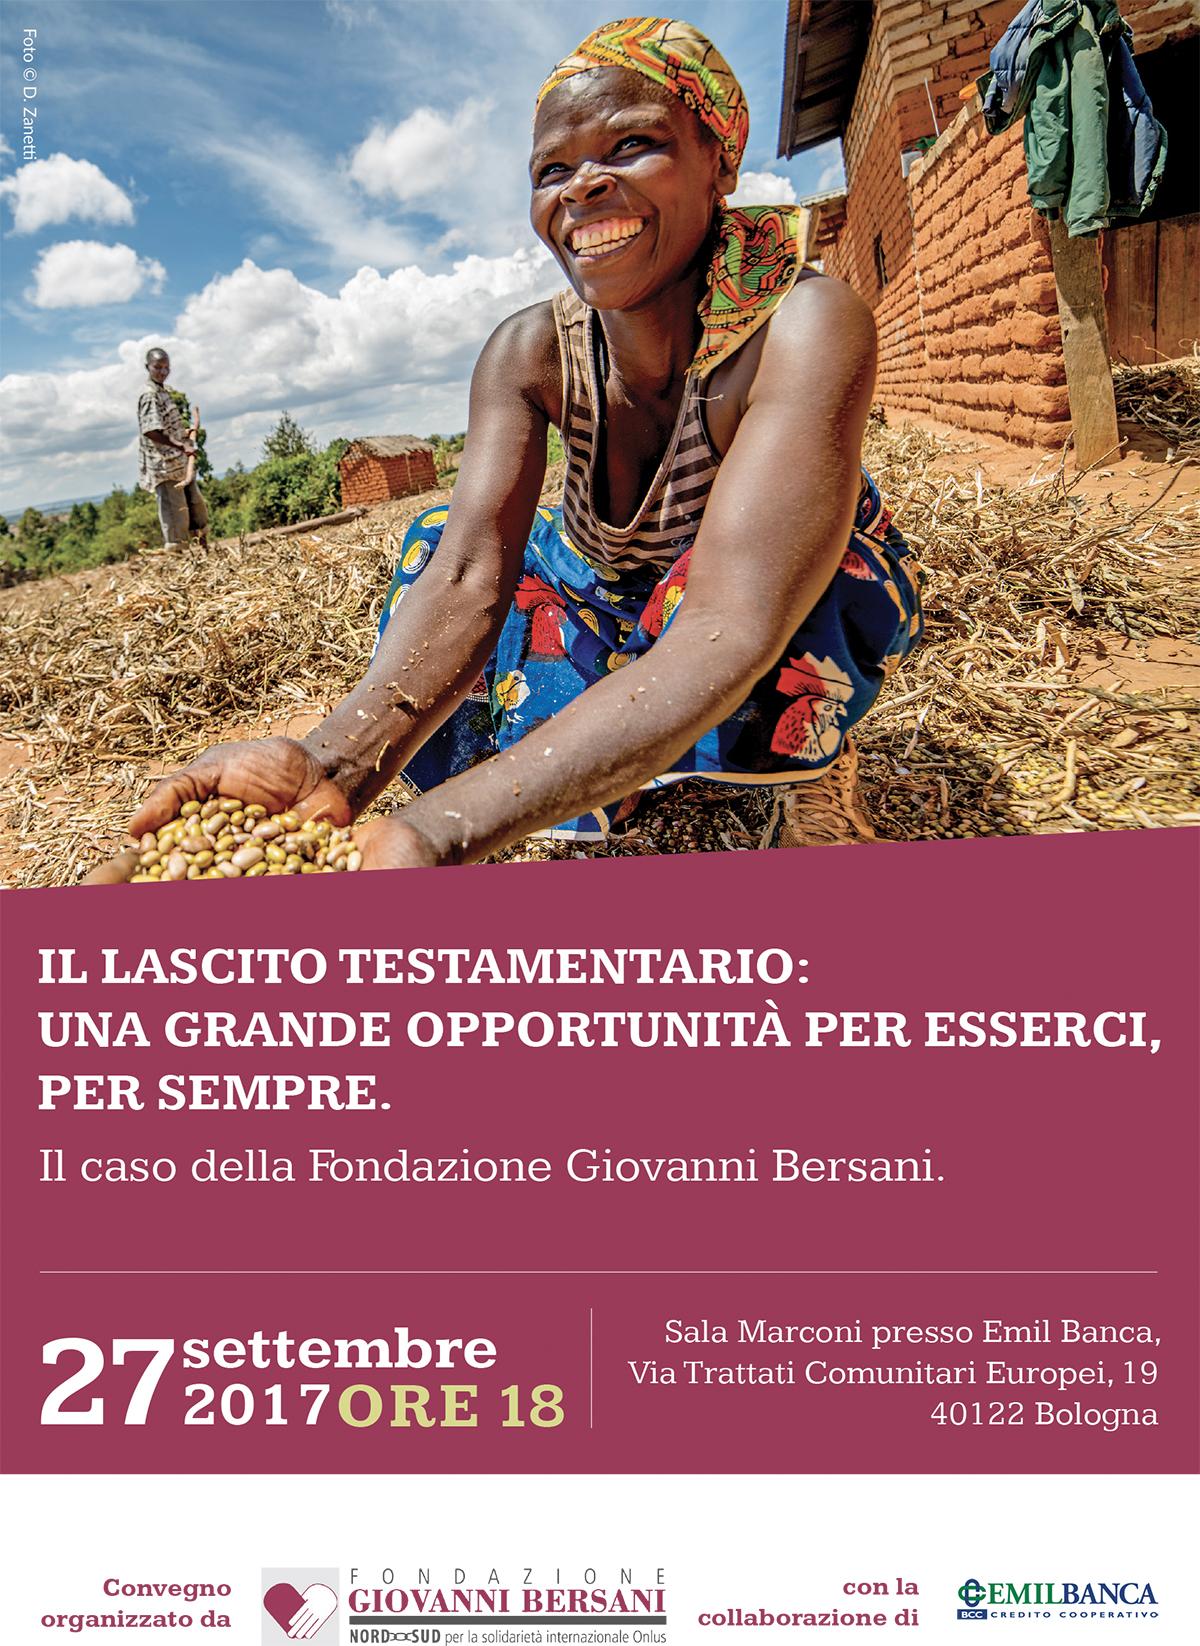 Convegno lasciti Fondazione Bersani